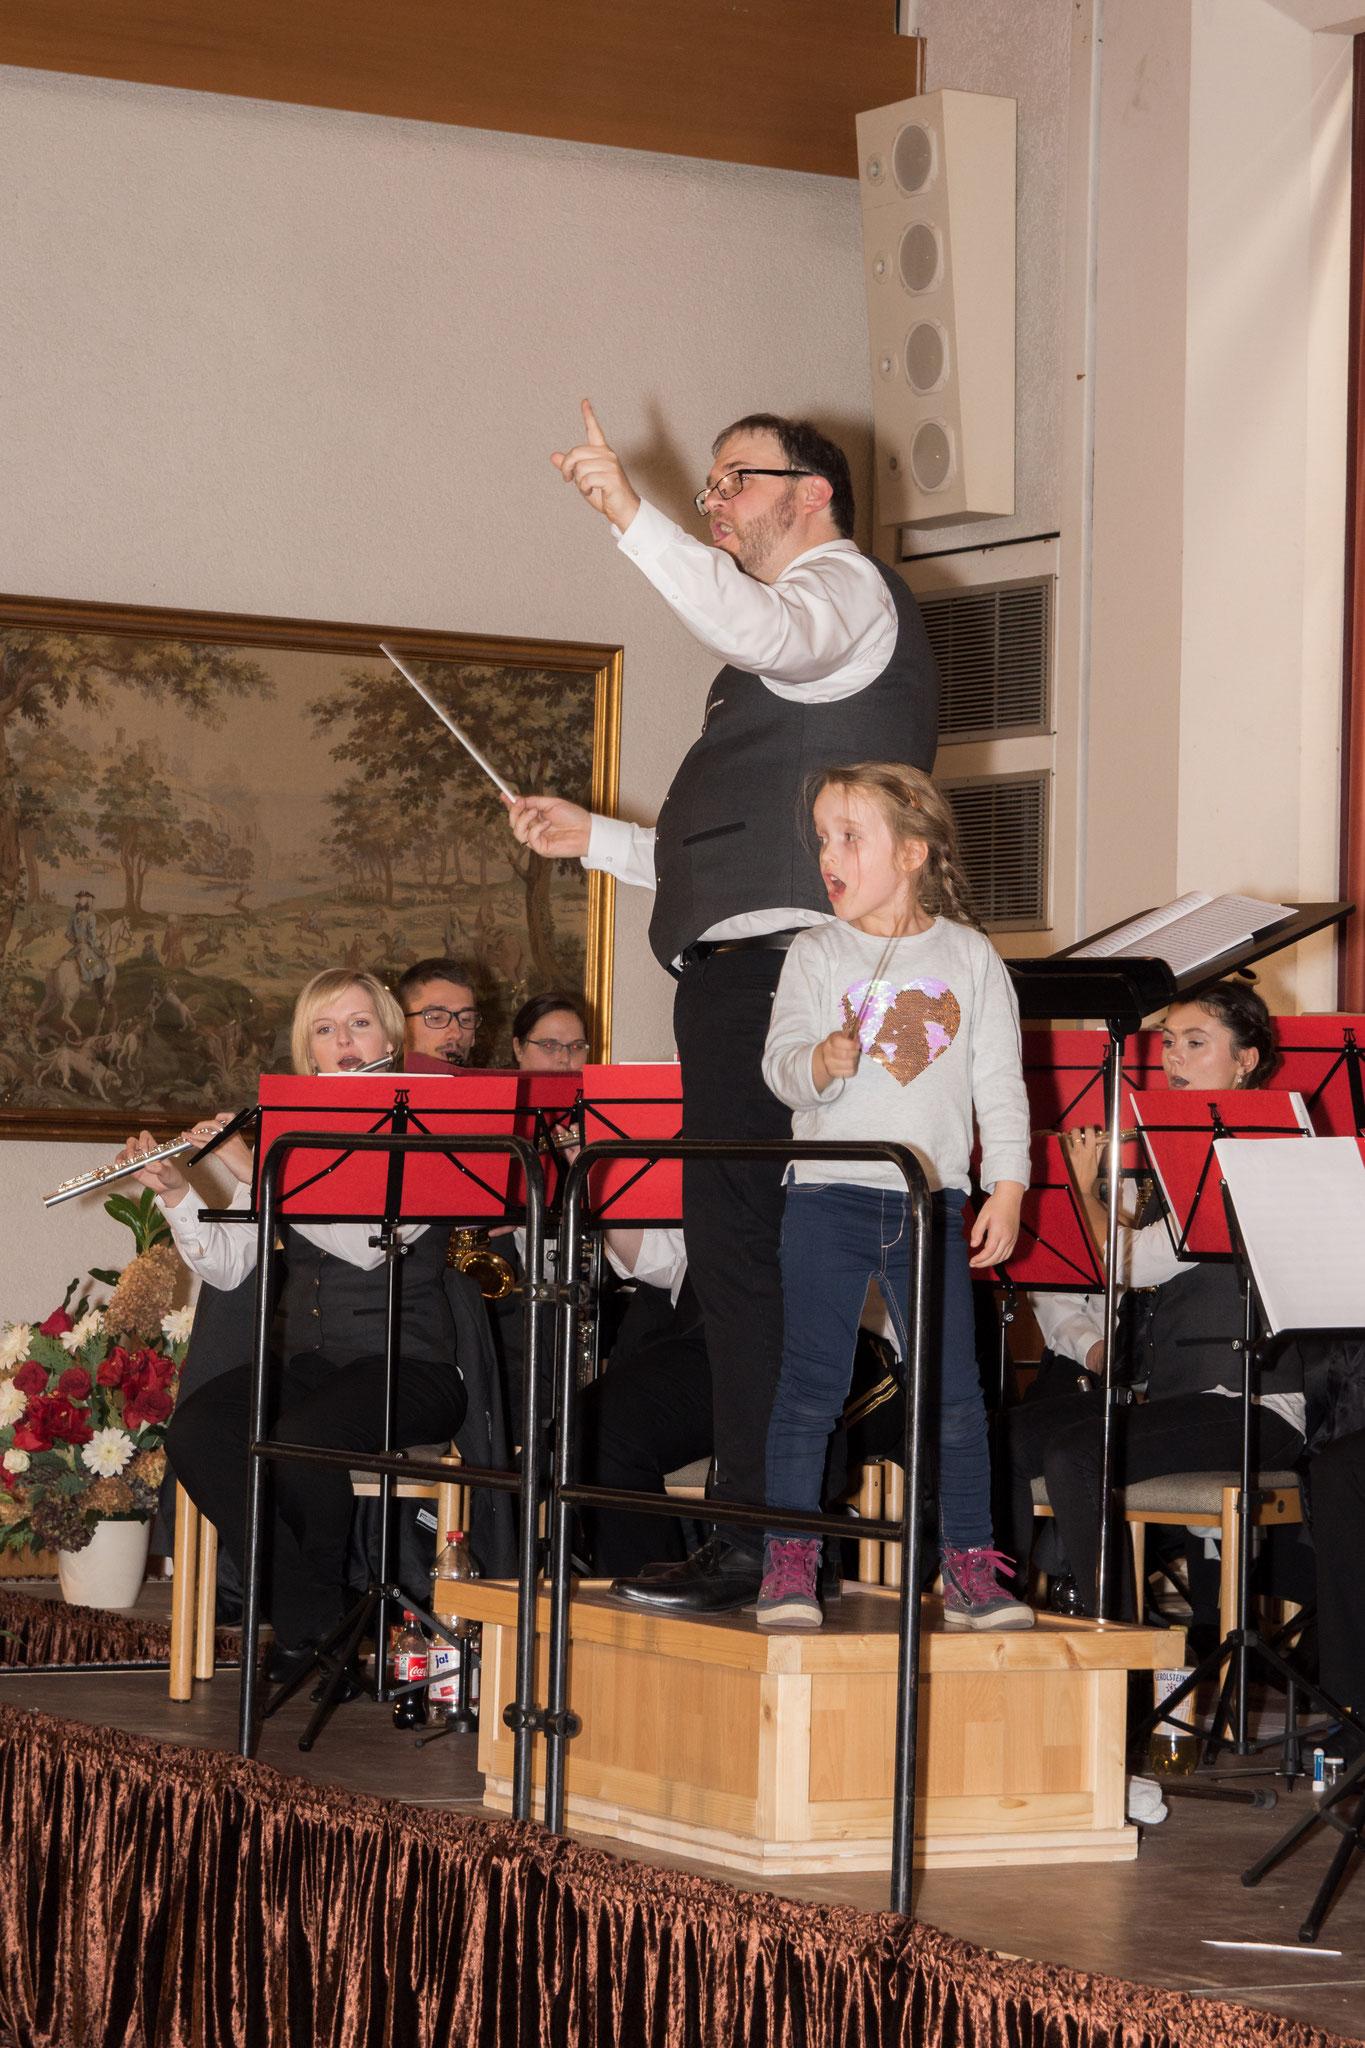 Auch die Tochter unseres Dirigenten durfte bei einer Zugabe mitdirigieren und die Zuschauer zum Mitsingen anregen.